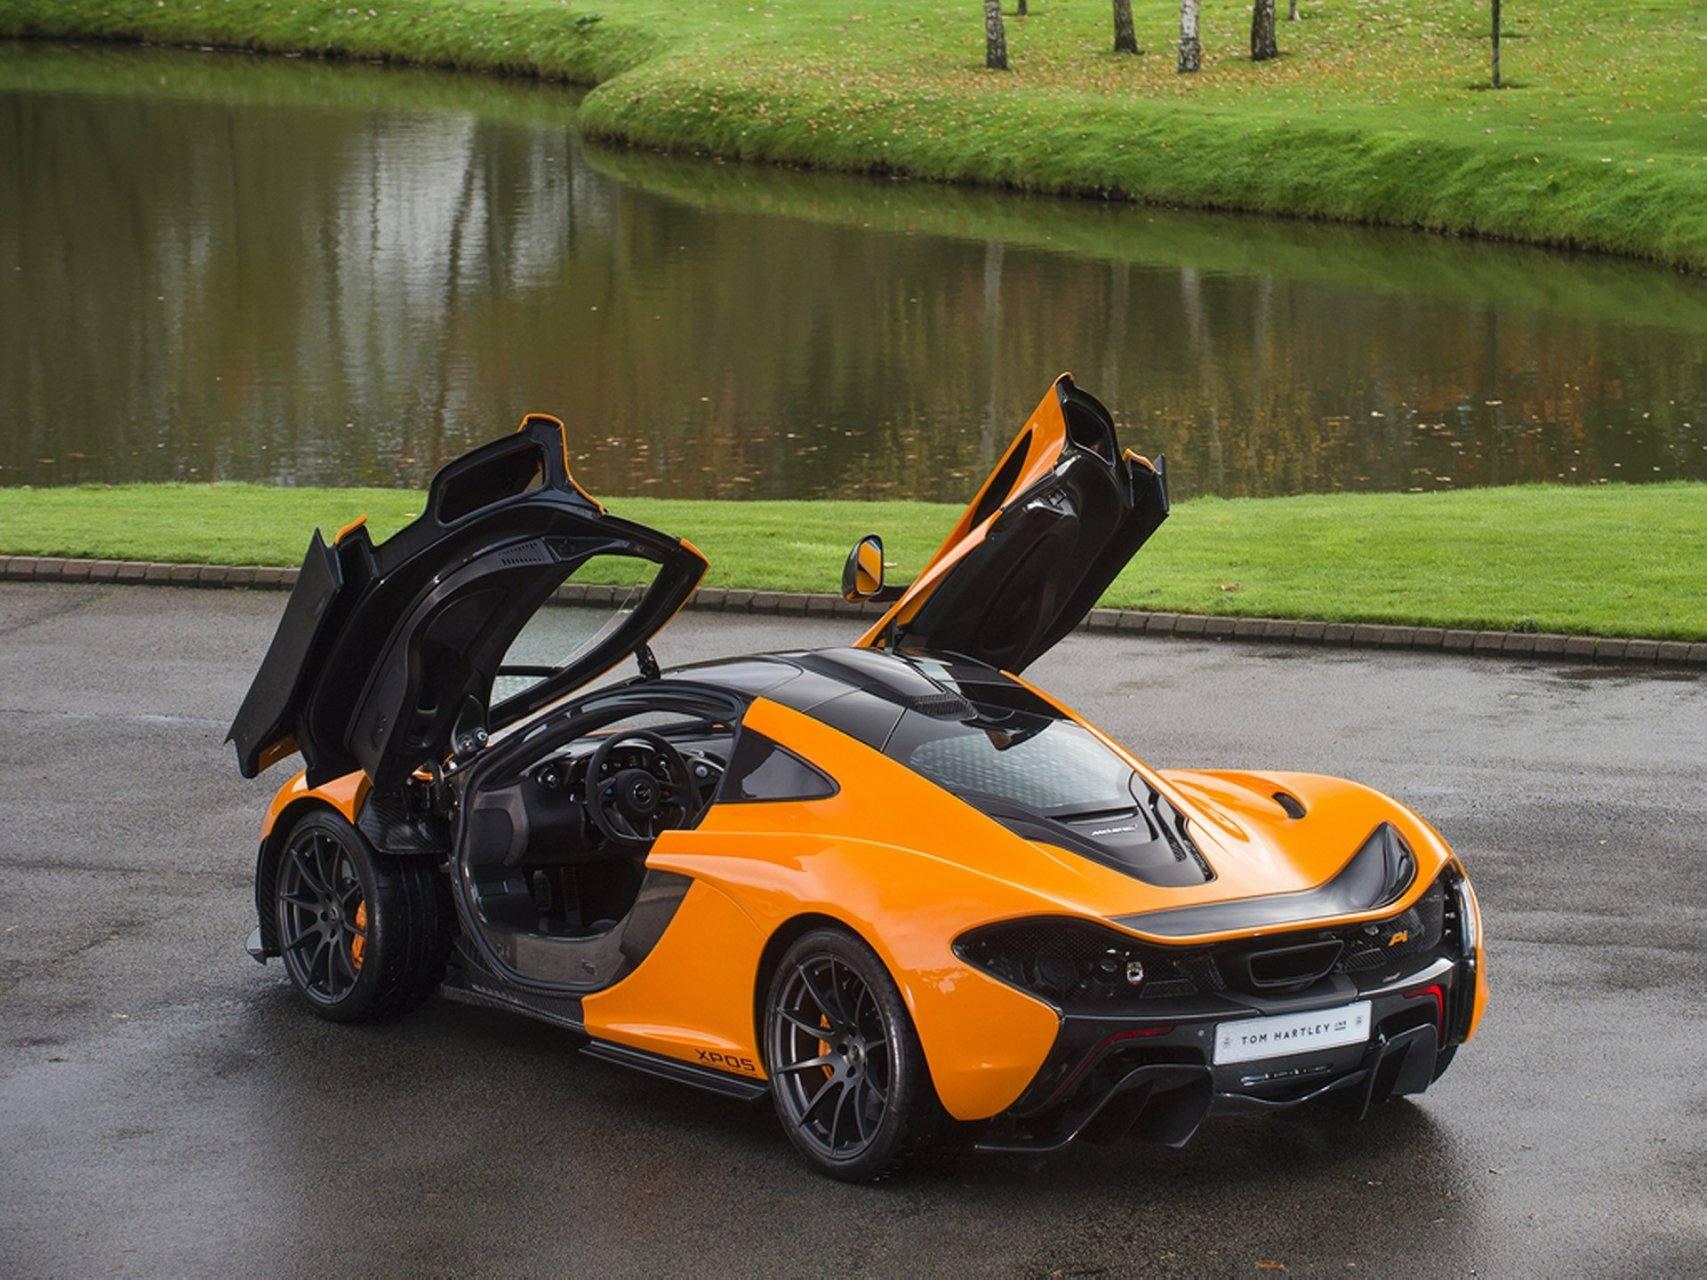 El McLaren P1 XP05 es el prototipo de Woking que querrías comprar